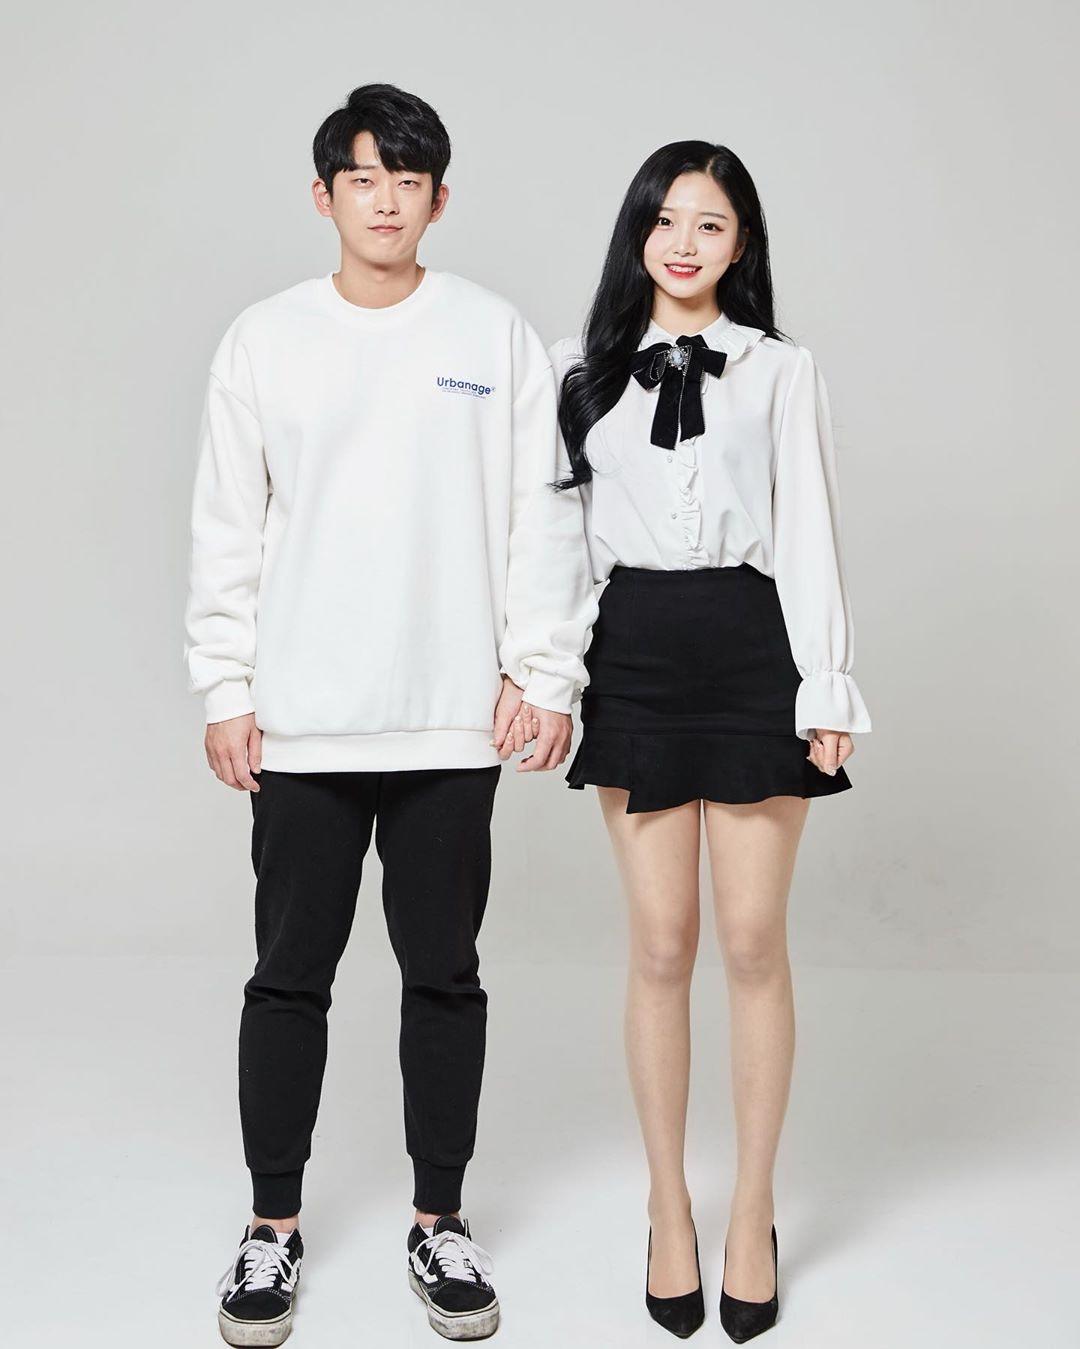 【画像】これが韓国の若者に大人気のカップルYouTuberらしいw